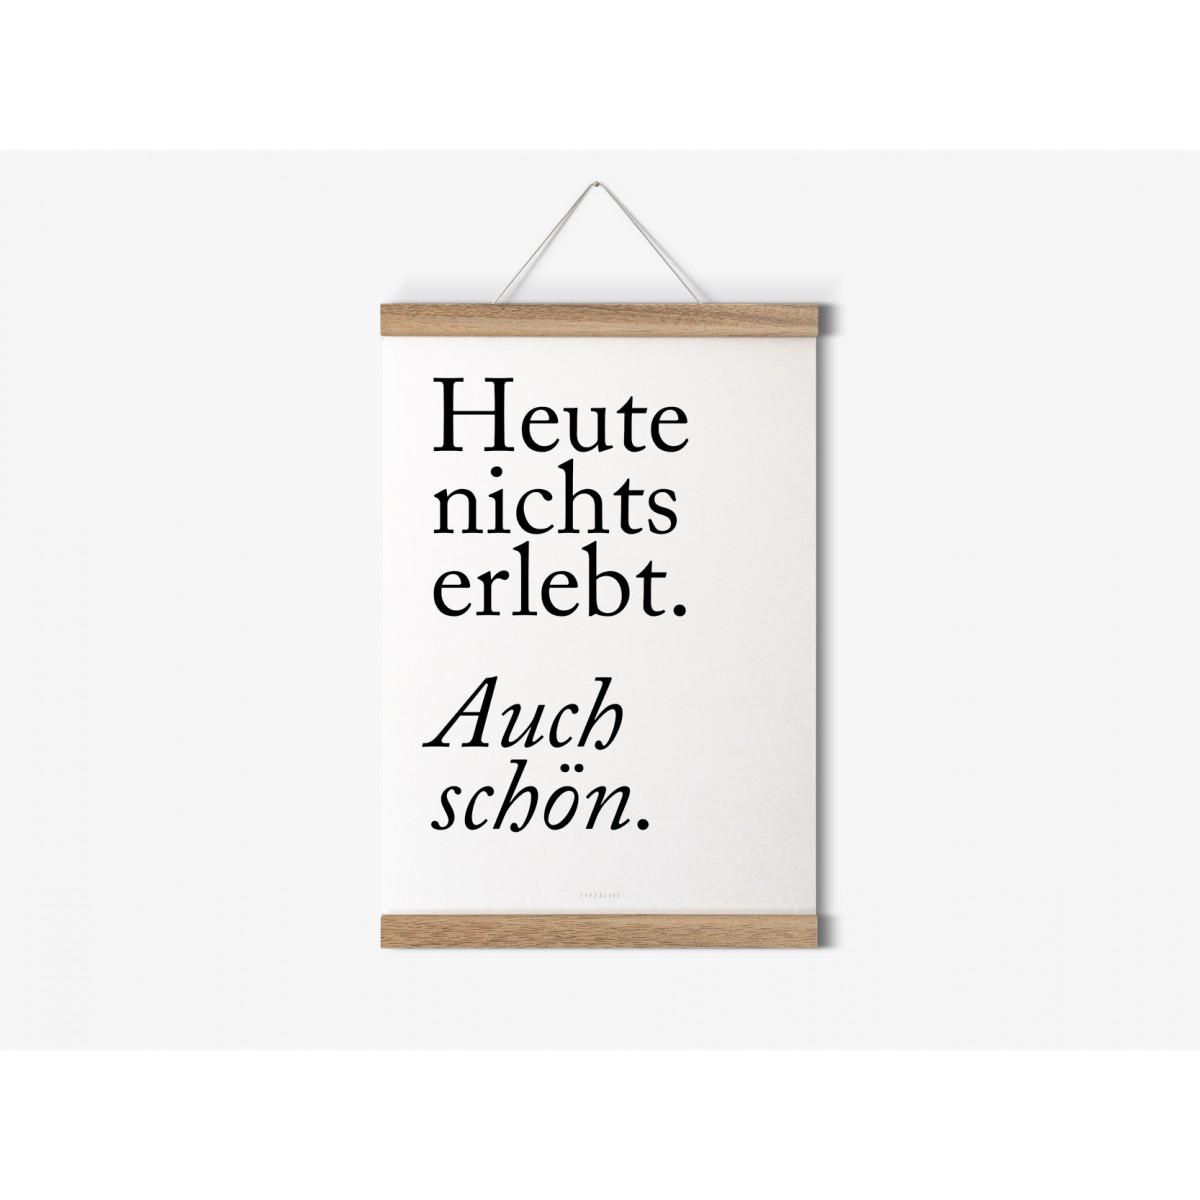 typealive / Magnetische Posterleiste aus Eiche / perfekt für 50x70-Prints